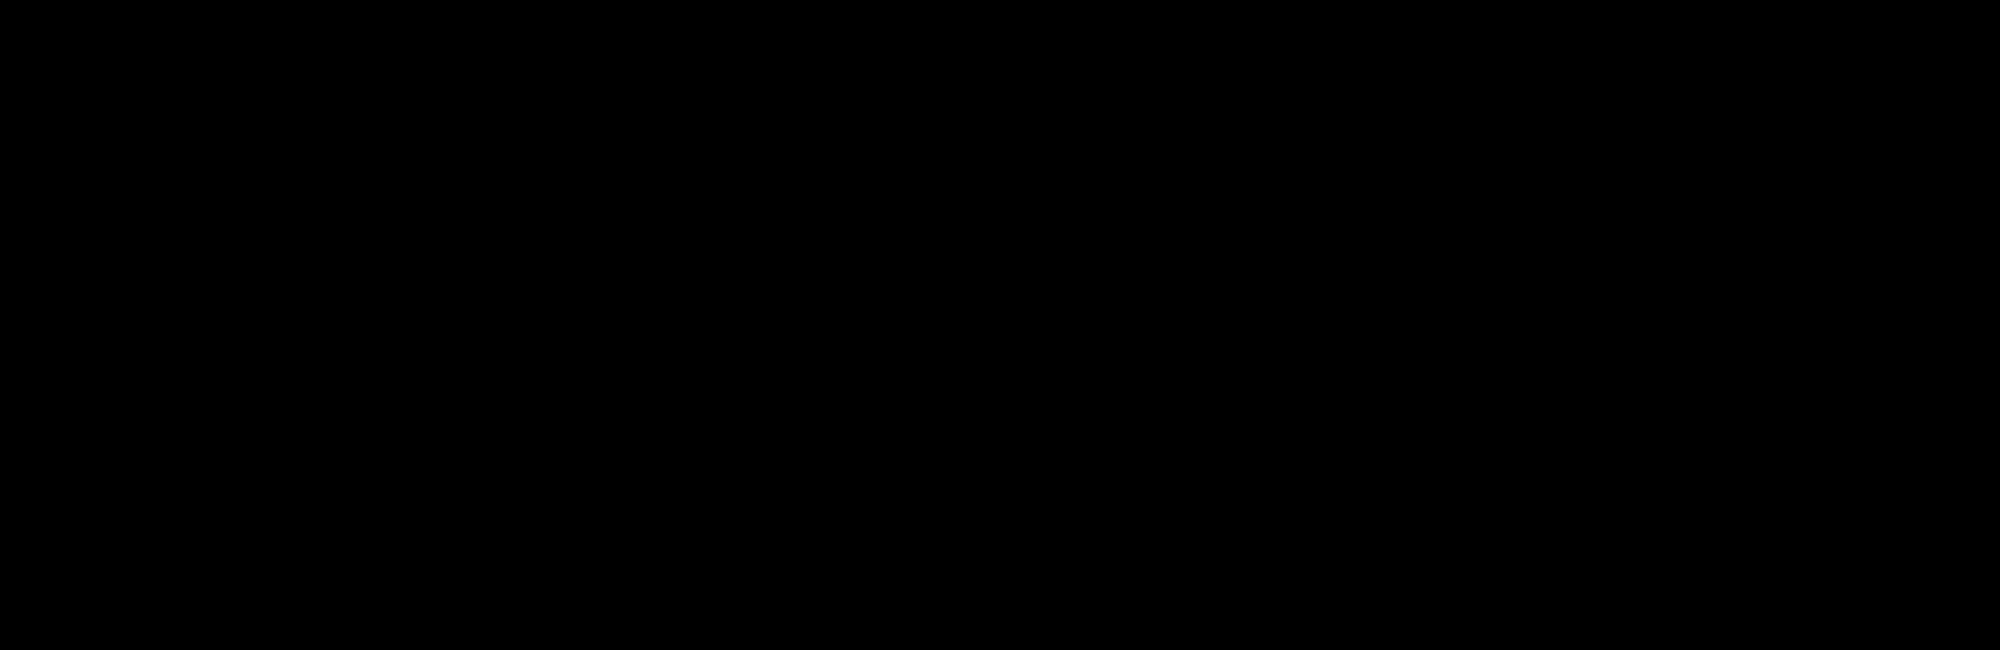 Walker PNG HD - 124705